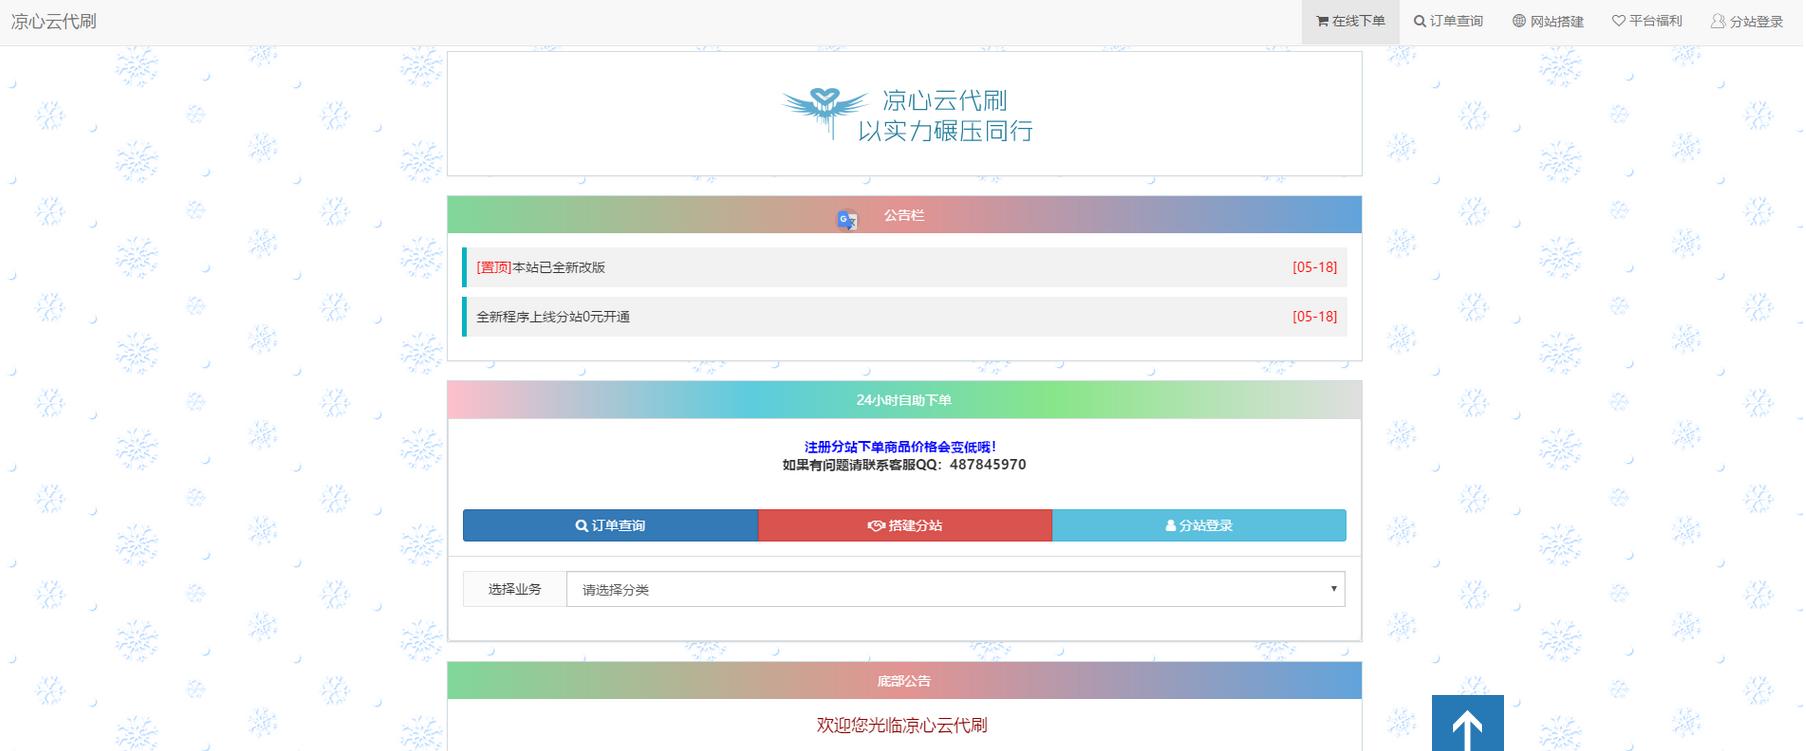 2.7彩虹代刷模板-蔚蓝代刷模板